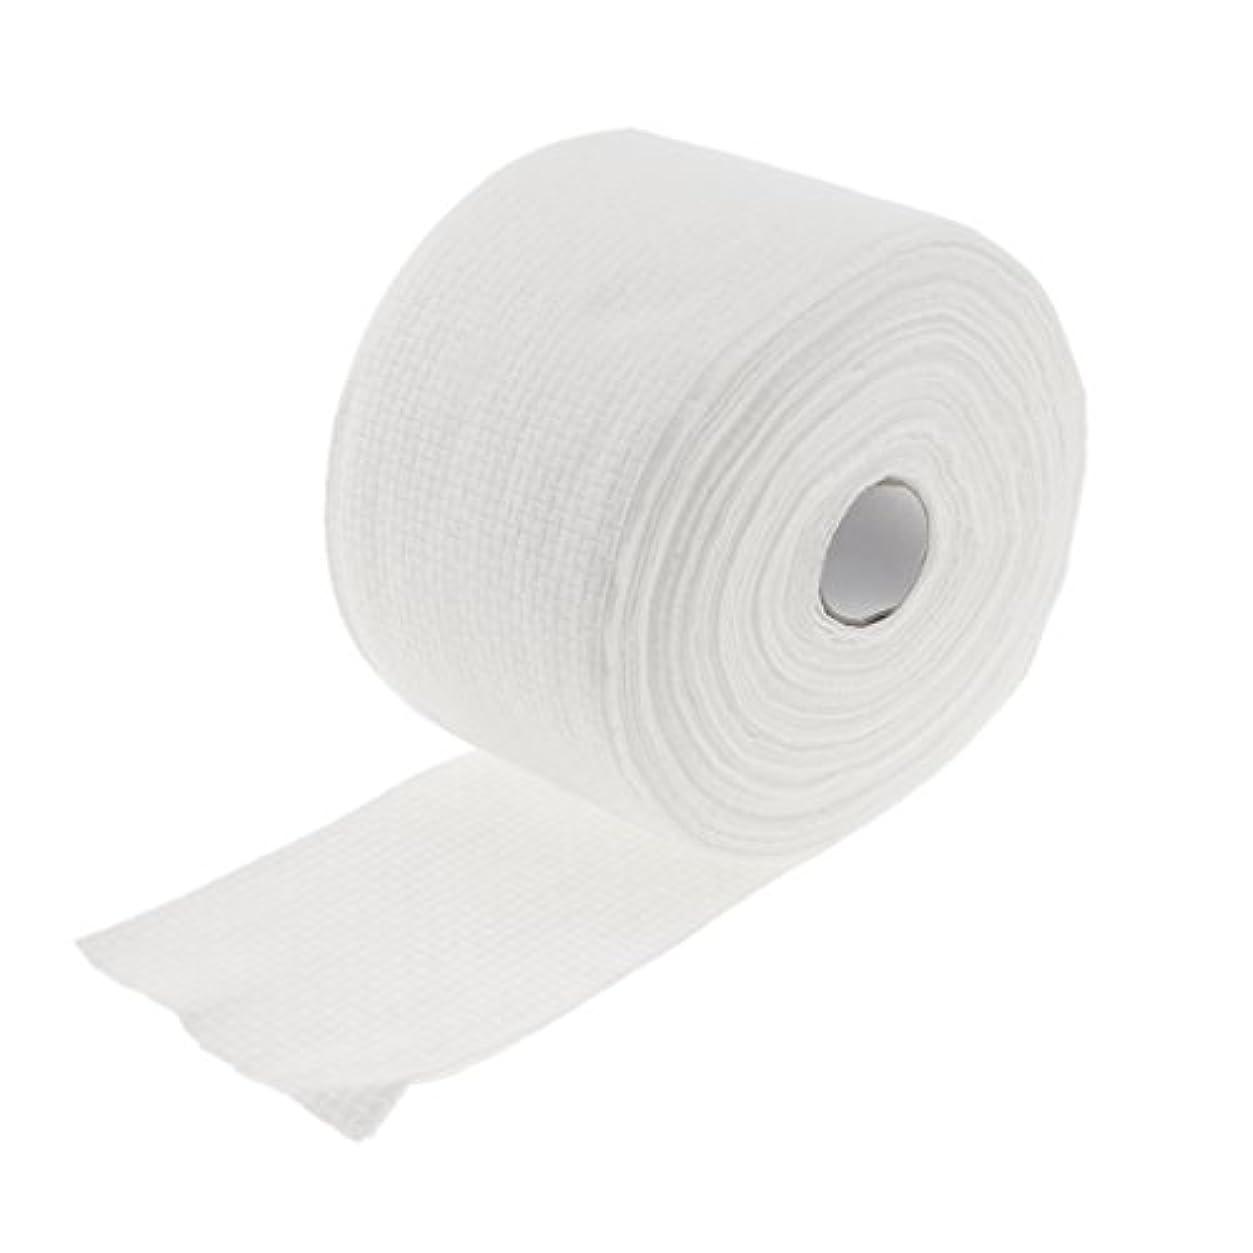 物理コンテスト似ているロール式 使い捨て 洗顔タオル 使い捨てタオル 30M コットン 繊維 メイクリムーバー 2タイプ選べる - #1